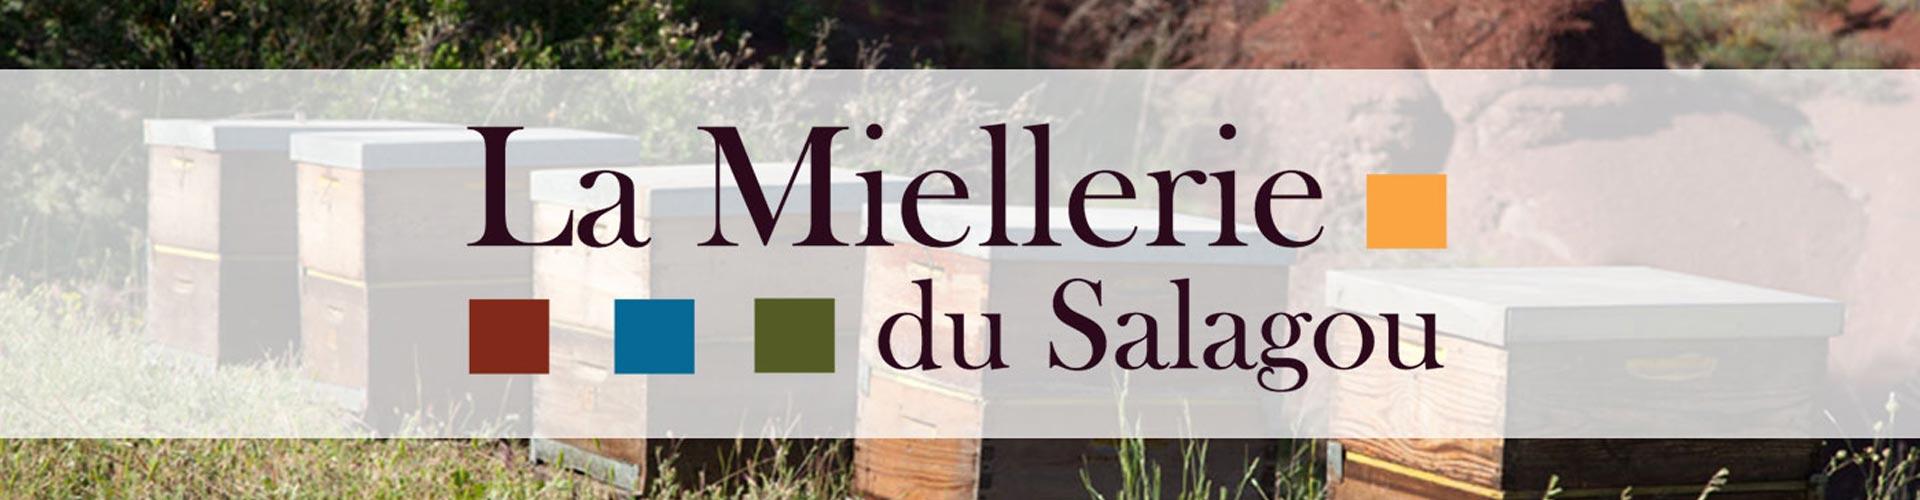 La Miellerie du Salagou à Clermont l'Hérault en Coeur d'Hérault